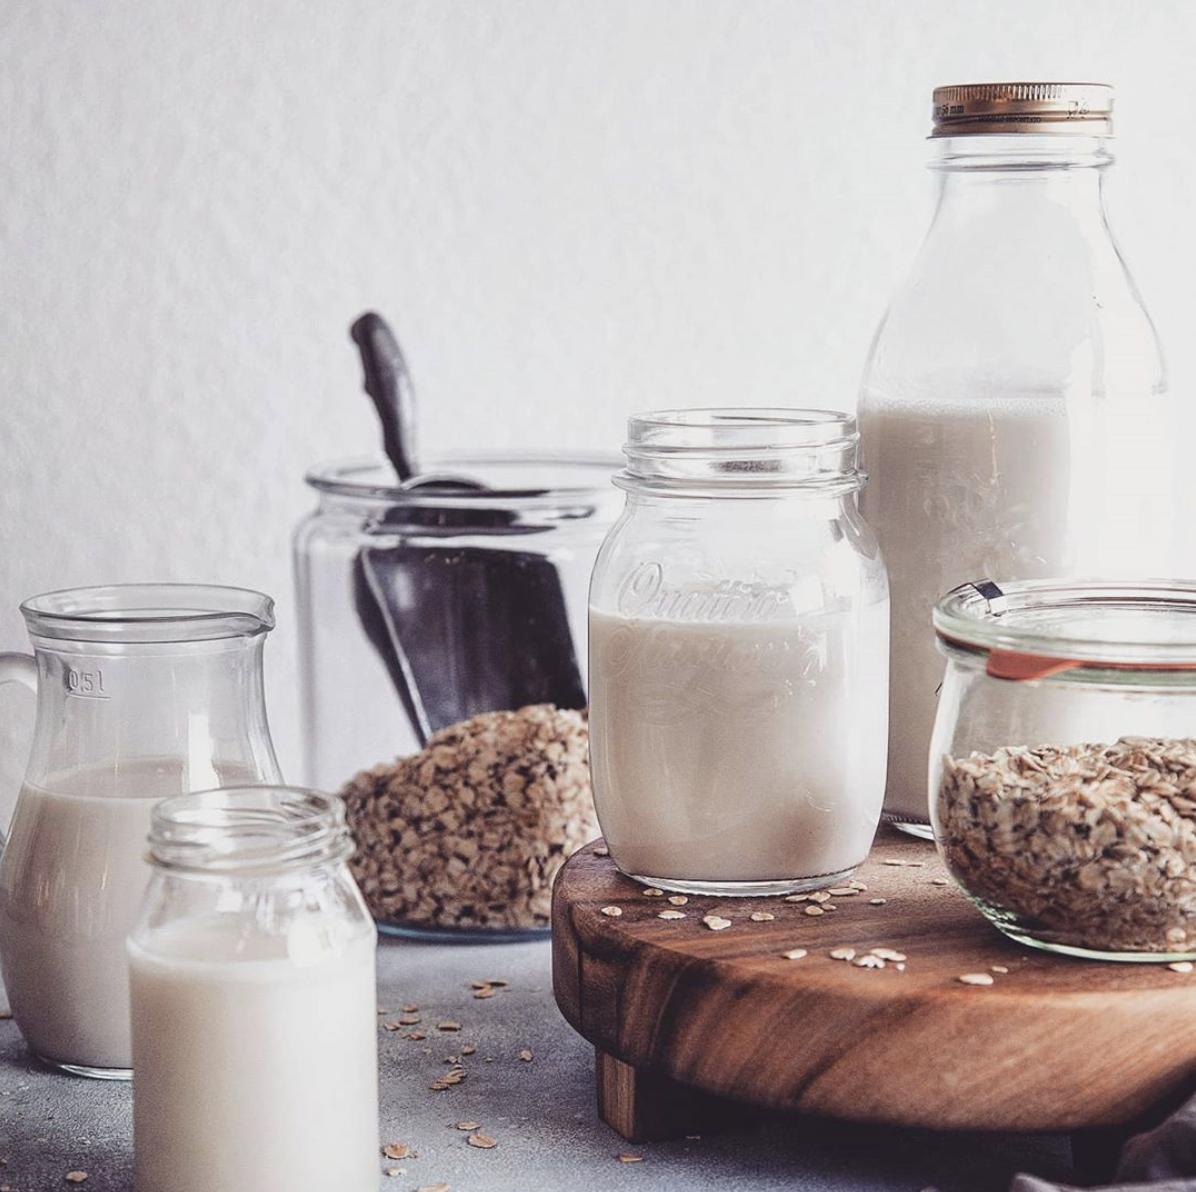 рецепт овсяного молока, рецепт растительного молока, овсяное молоко своими руками